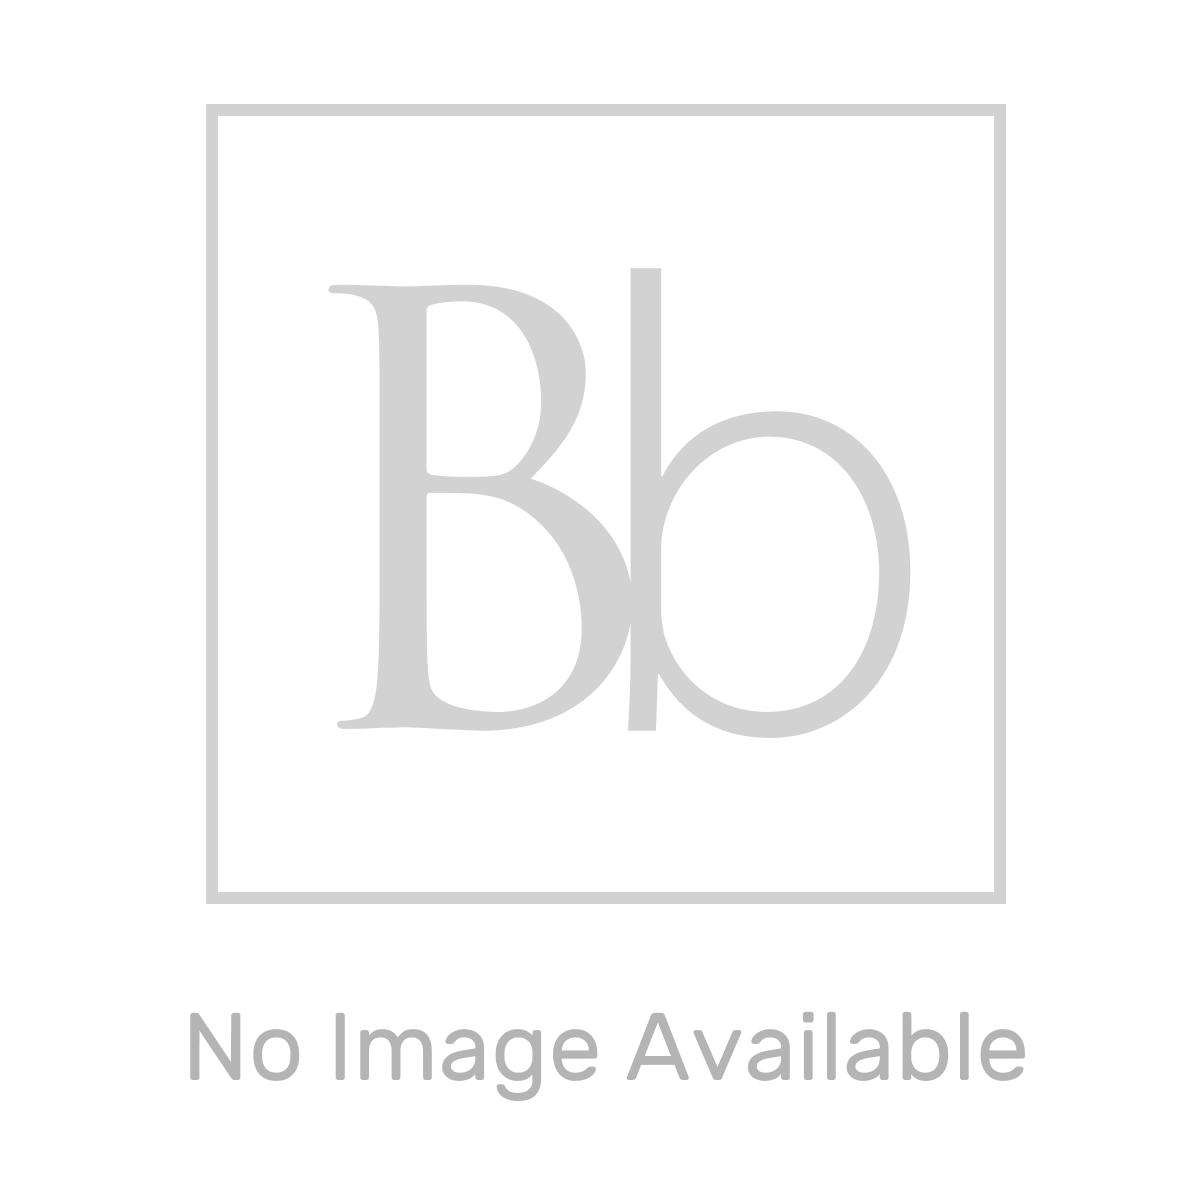 Sanicondens Best Water Vapour Condenser